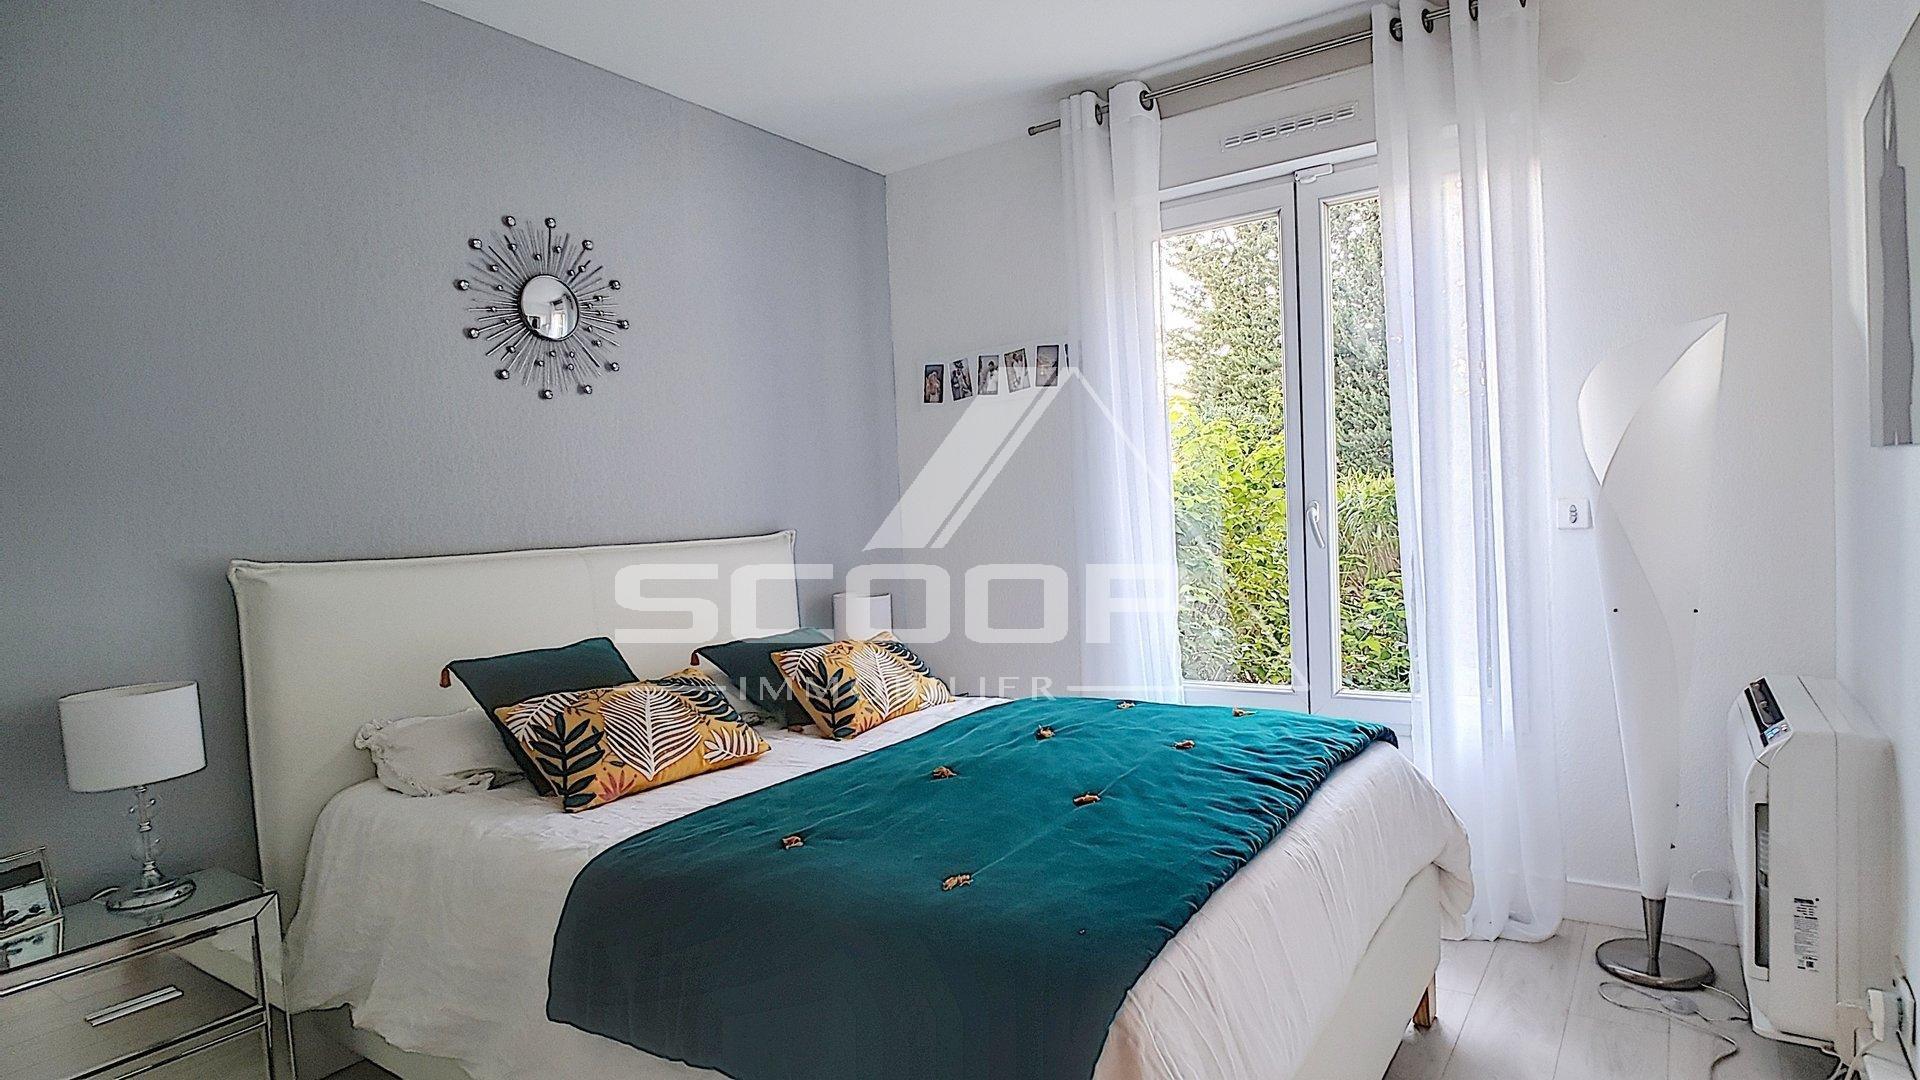 Superb apartment